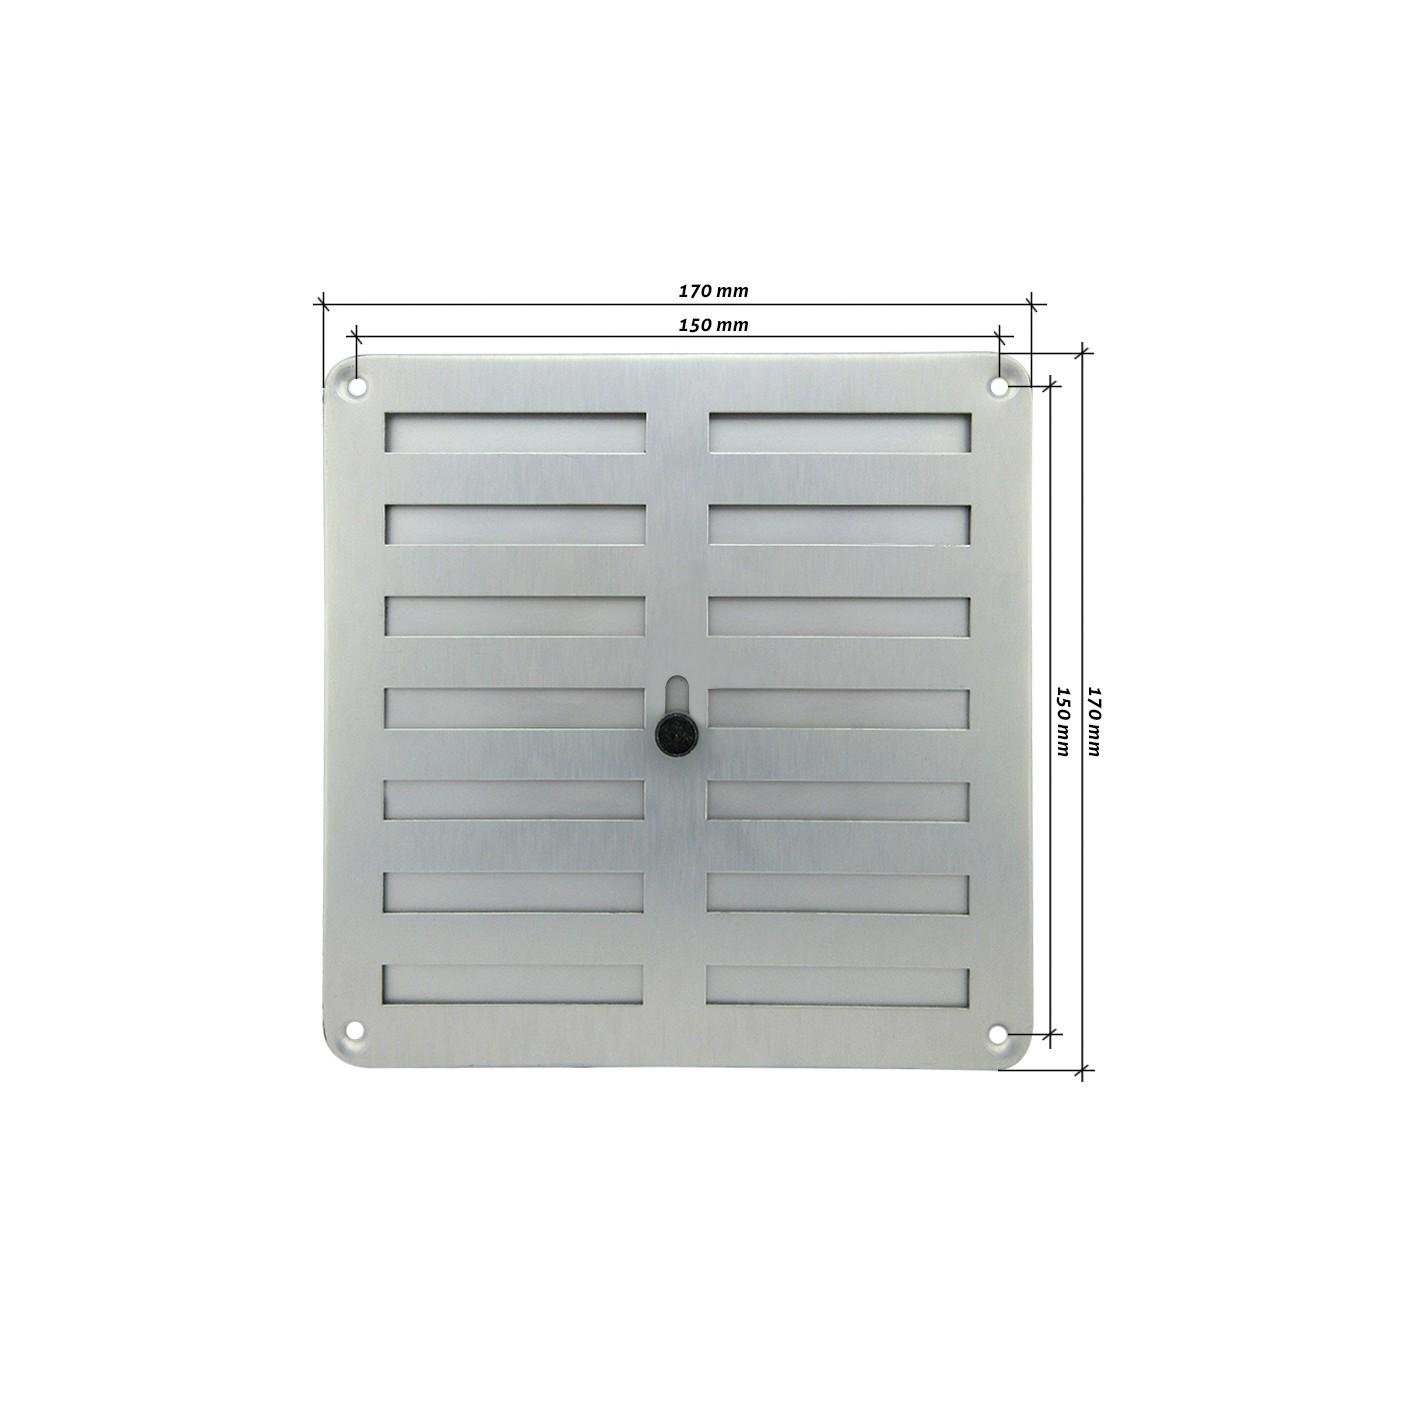 Rejilla de ventilaci n regulable 170x170 mm plata alg - Rejilla ventilacion bano ...